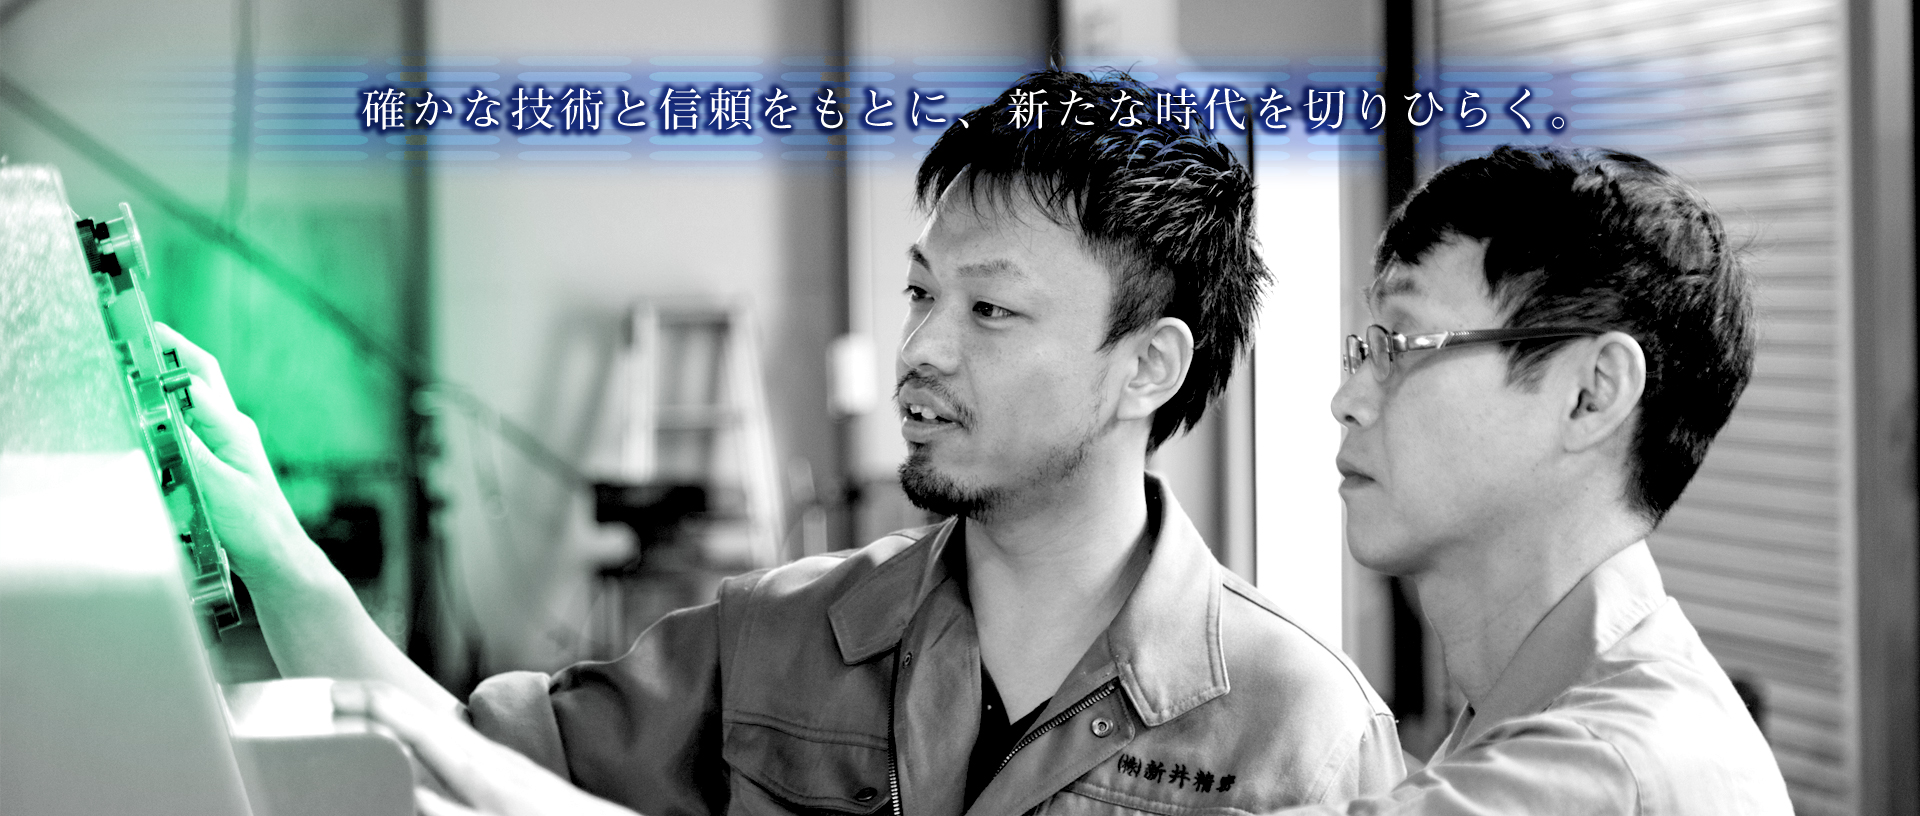 株式会社新井精密